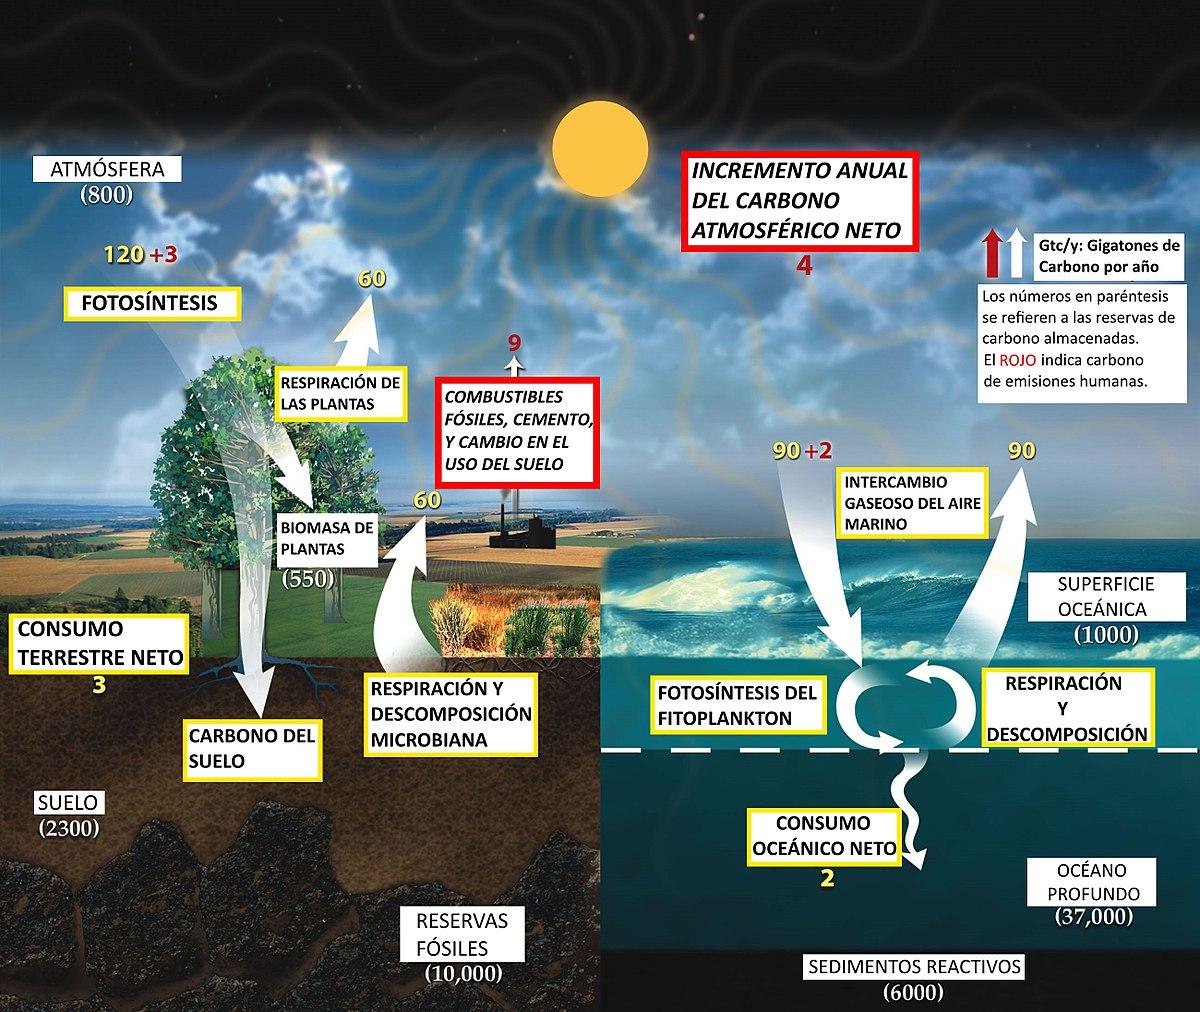 Ciclo del carbono - Wikipedia, la enciclopedia libre